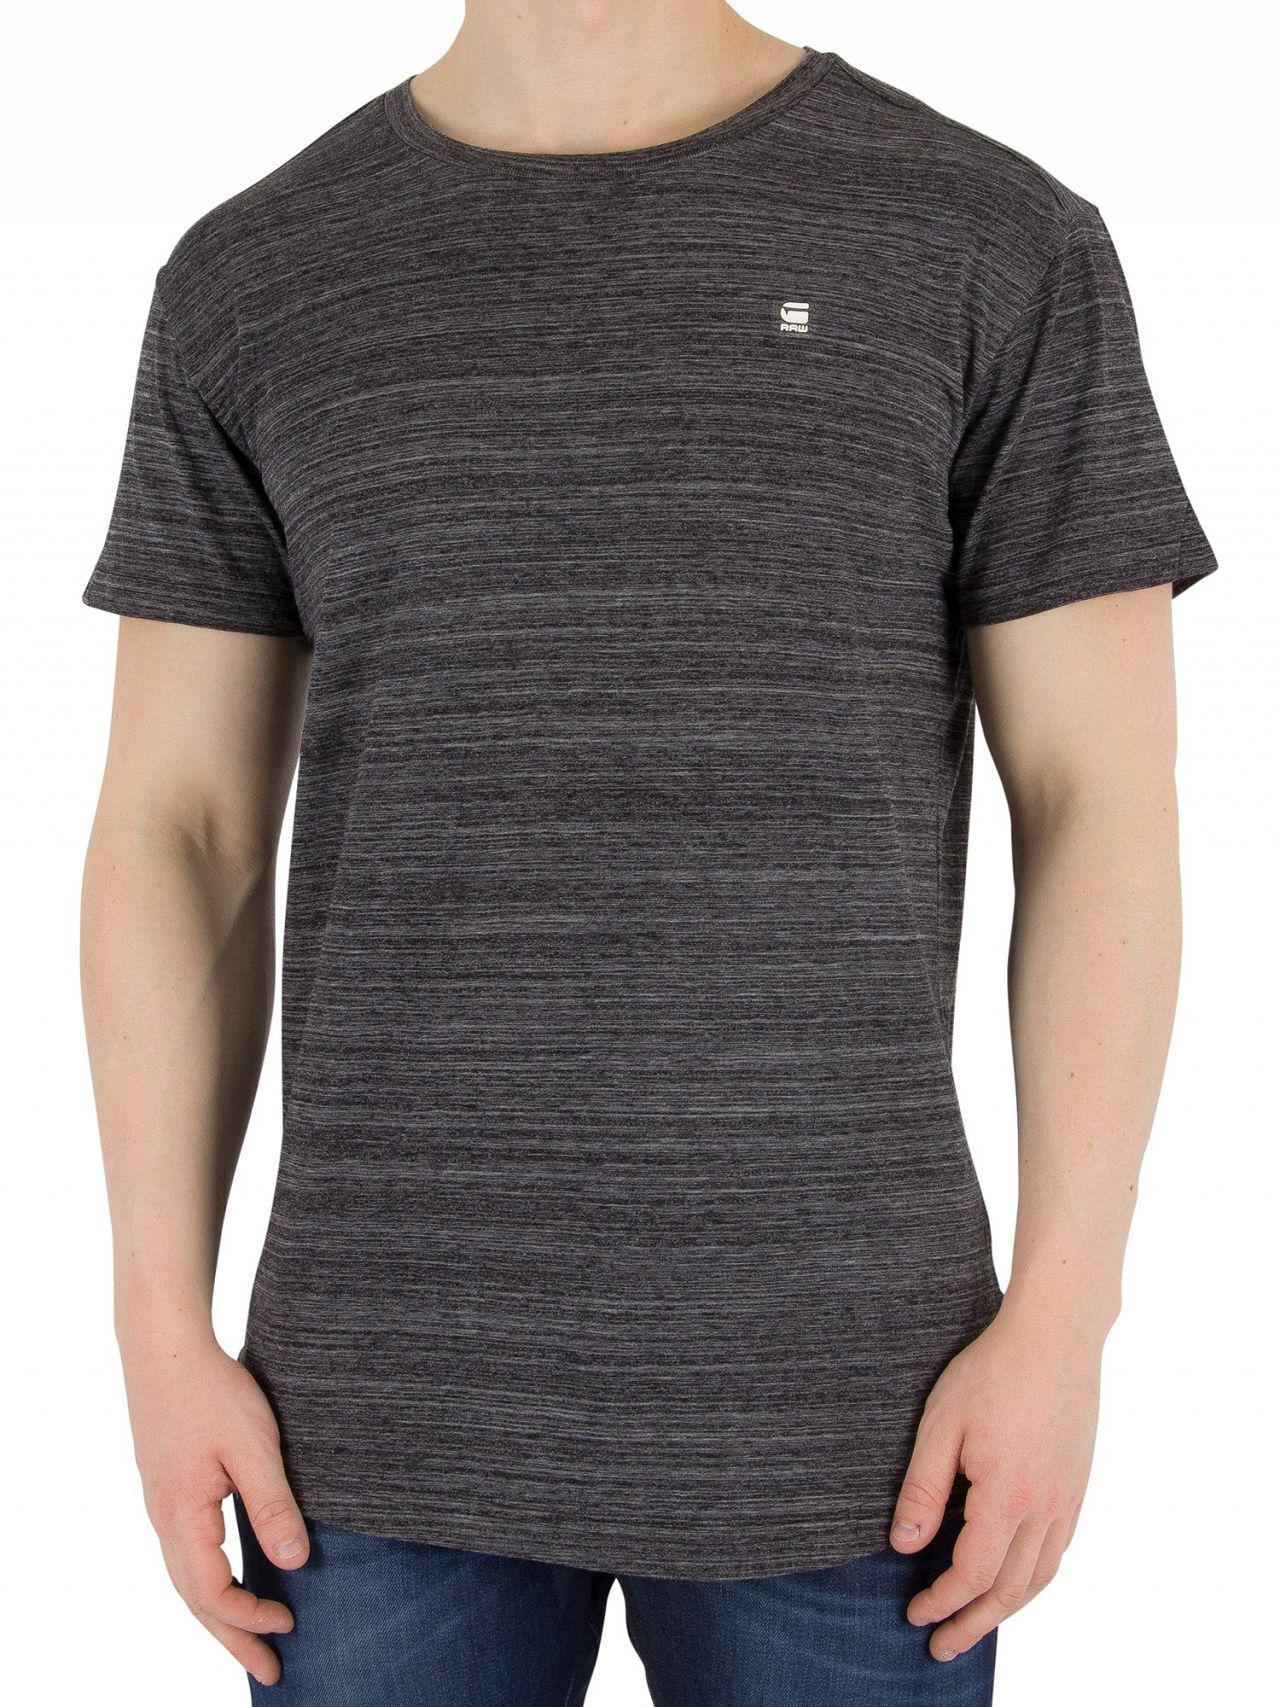 8f0b93d66e G-Star Raw Dark Black Starkon T-shirt in Black for Men - Lyst